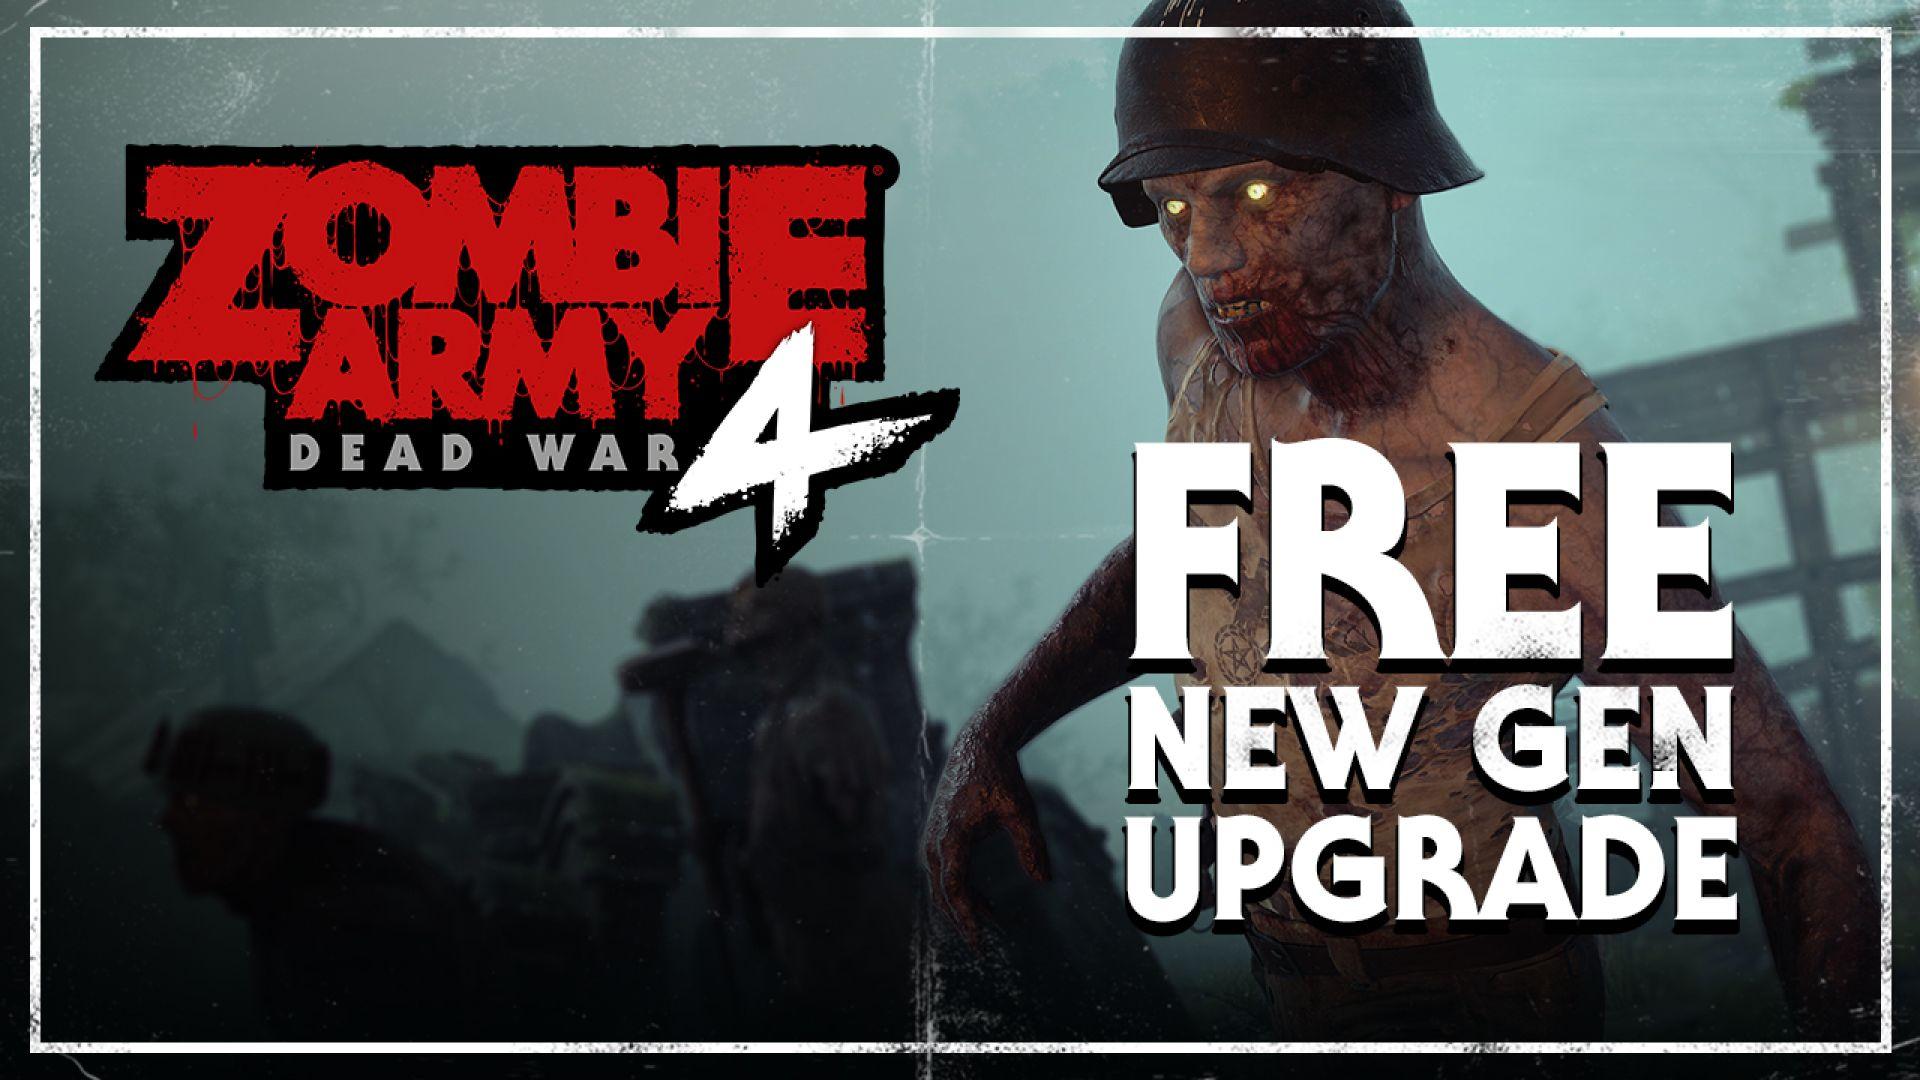 Zombie Army 4: Free News Gene Upgrade